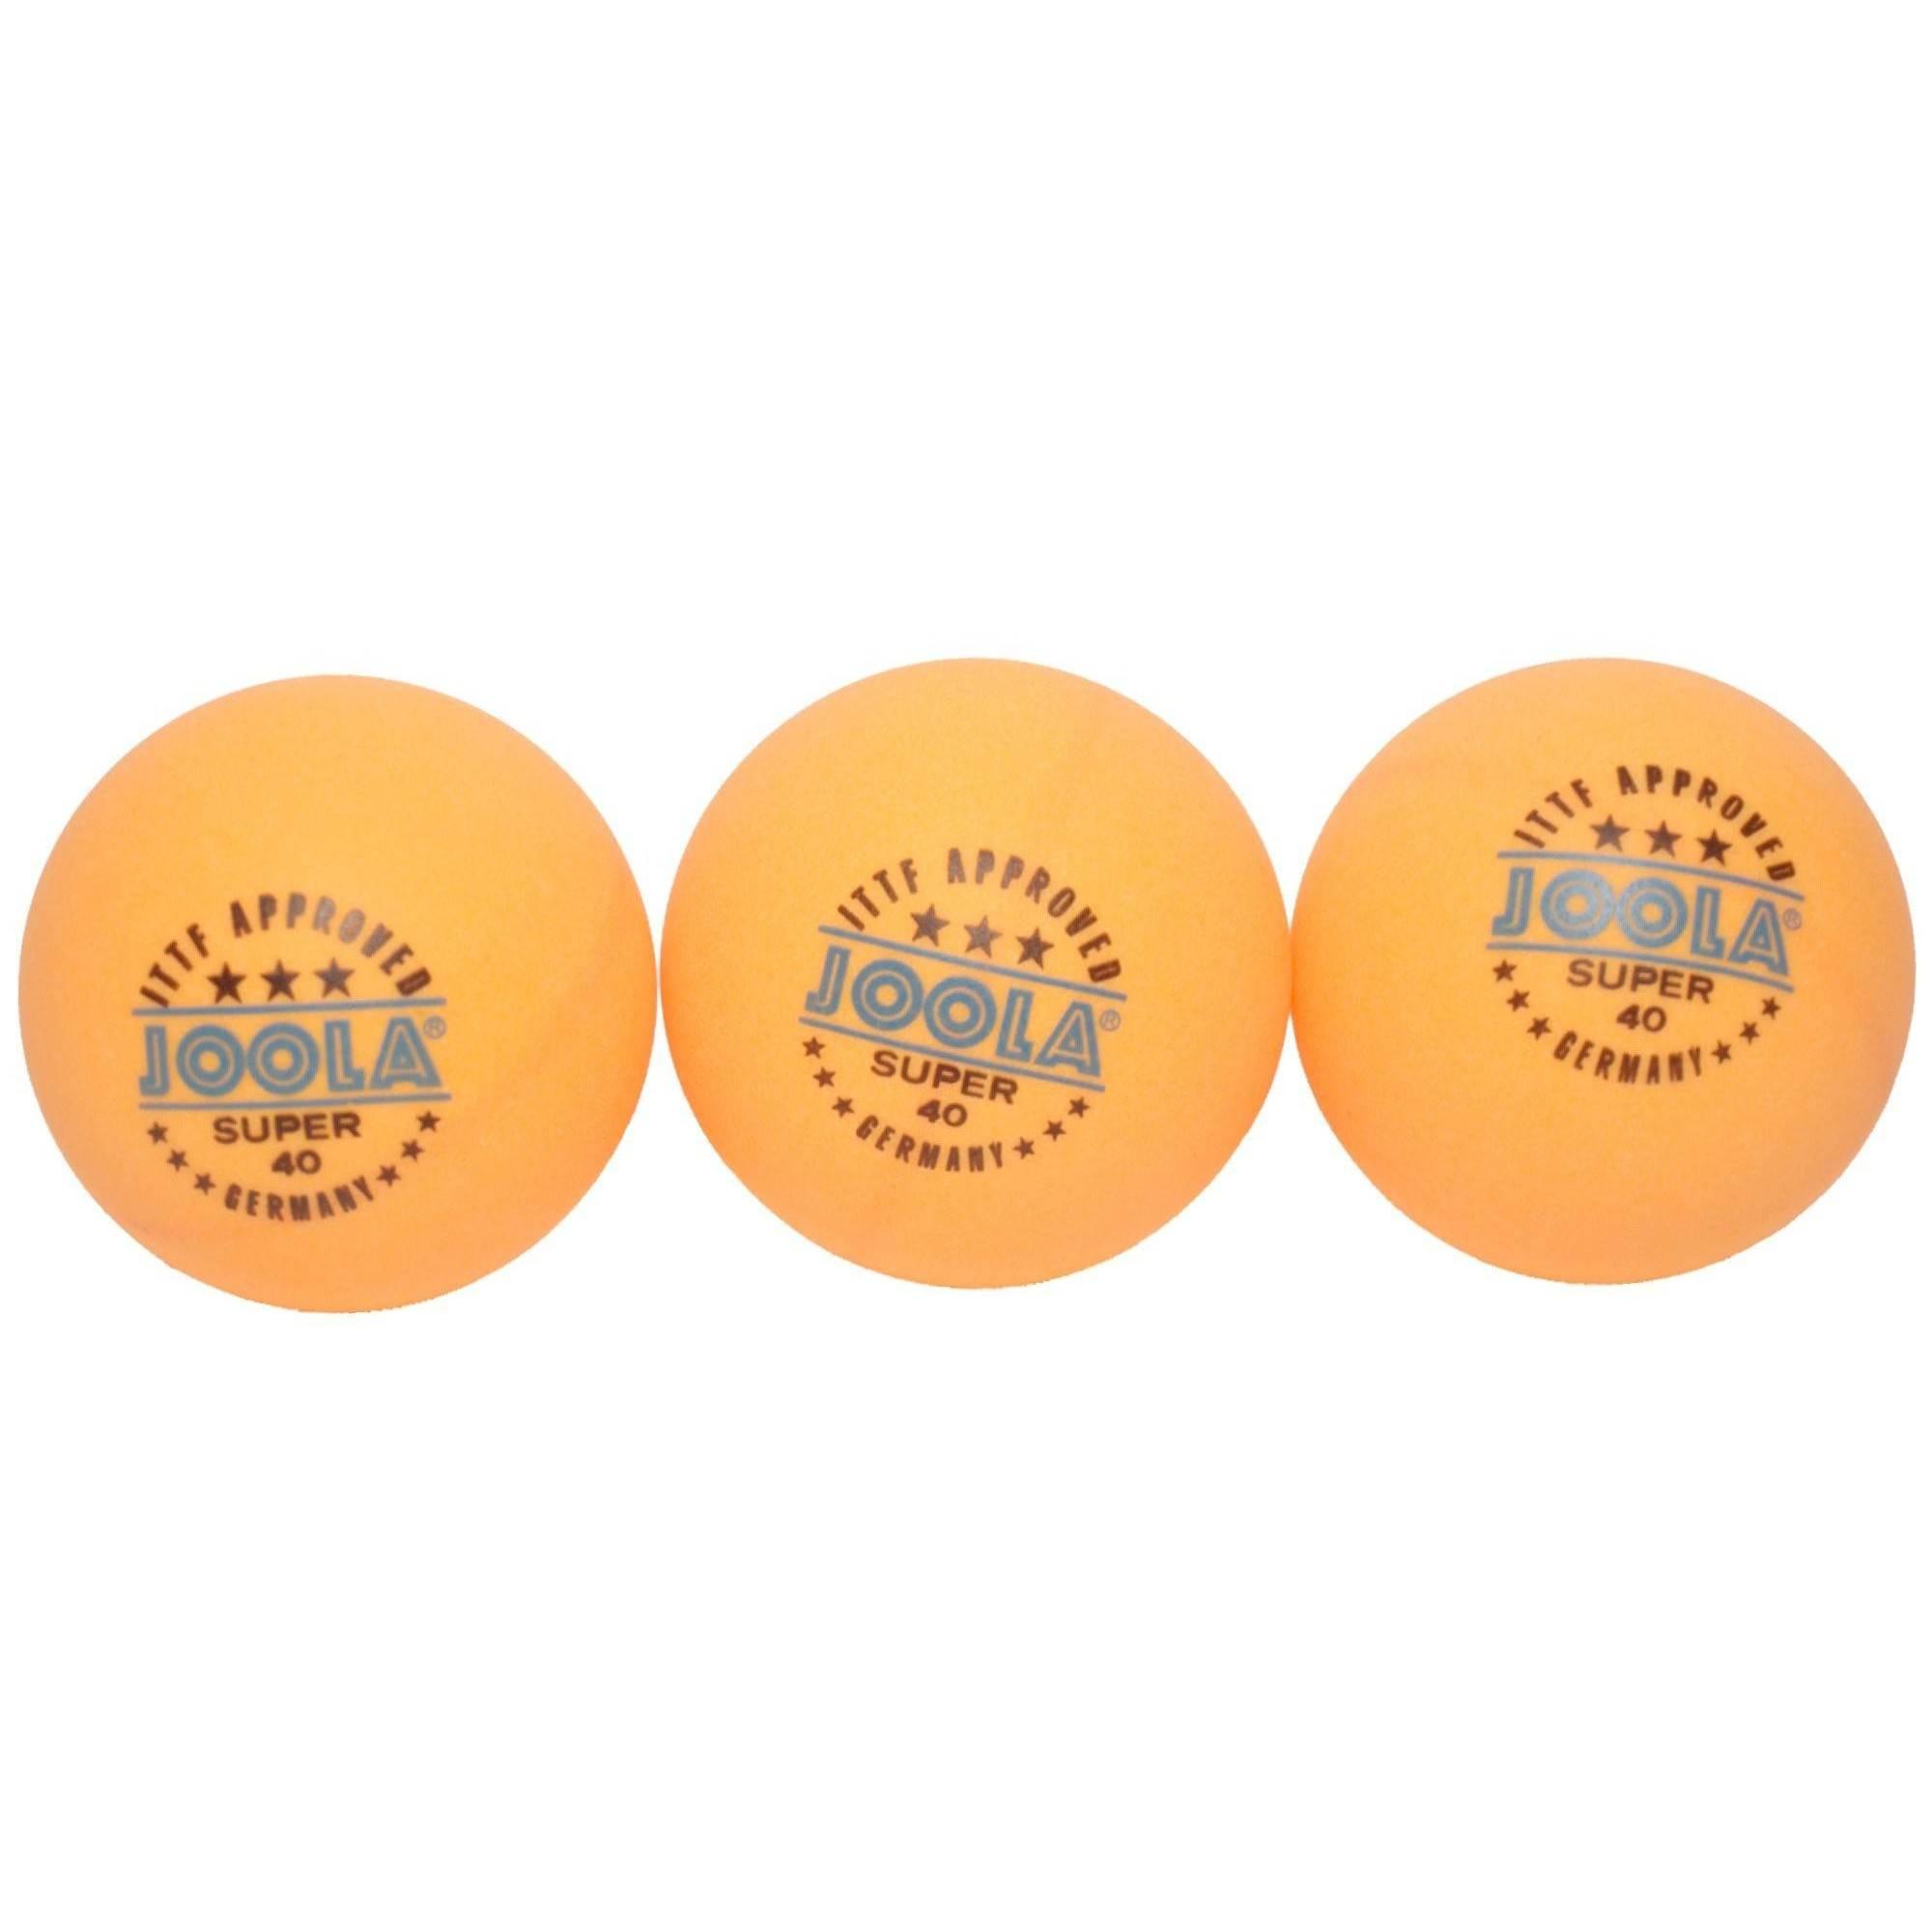 Piłeczki do tenisa stołowego Joola Super *** orange | 3szt ITTF approved,producent: Joola, zdjecie photo: 1 | klubfitness.pl | s